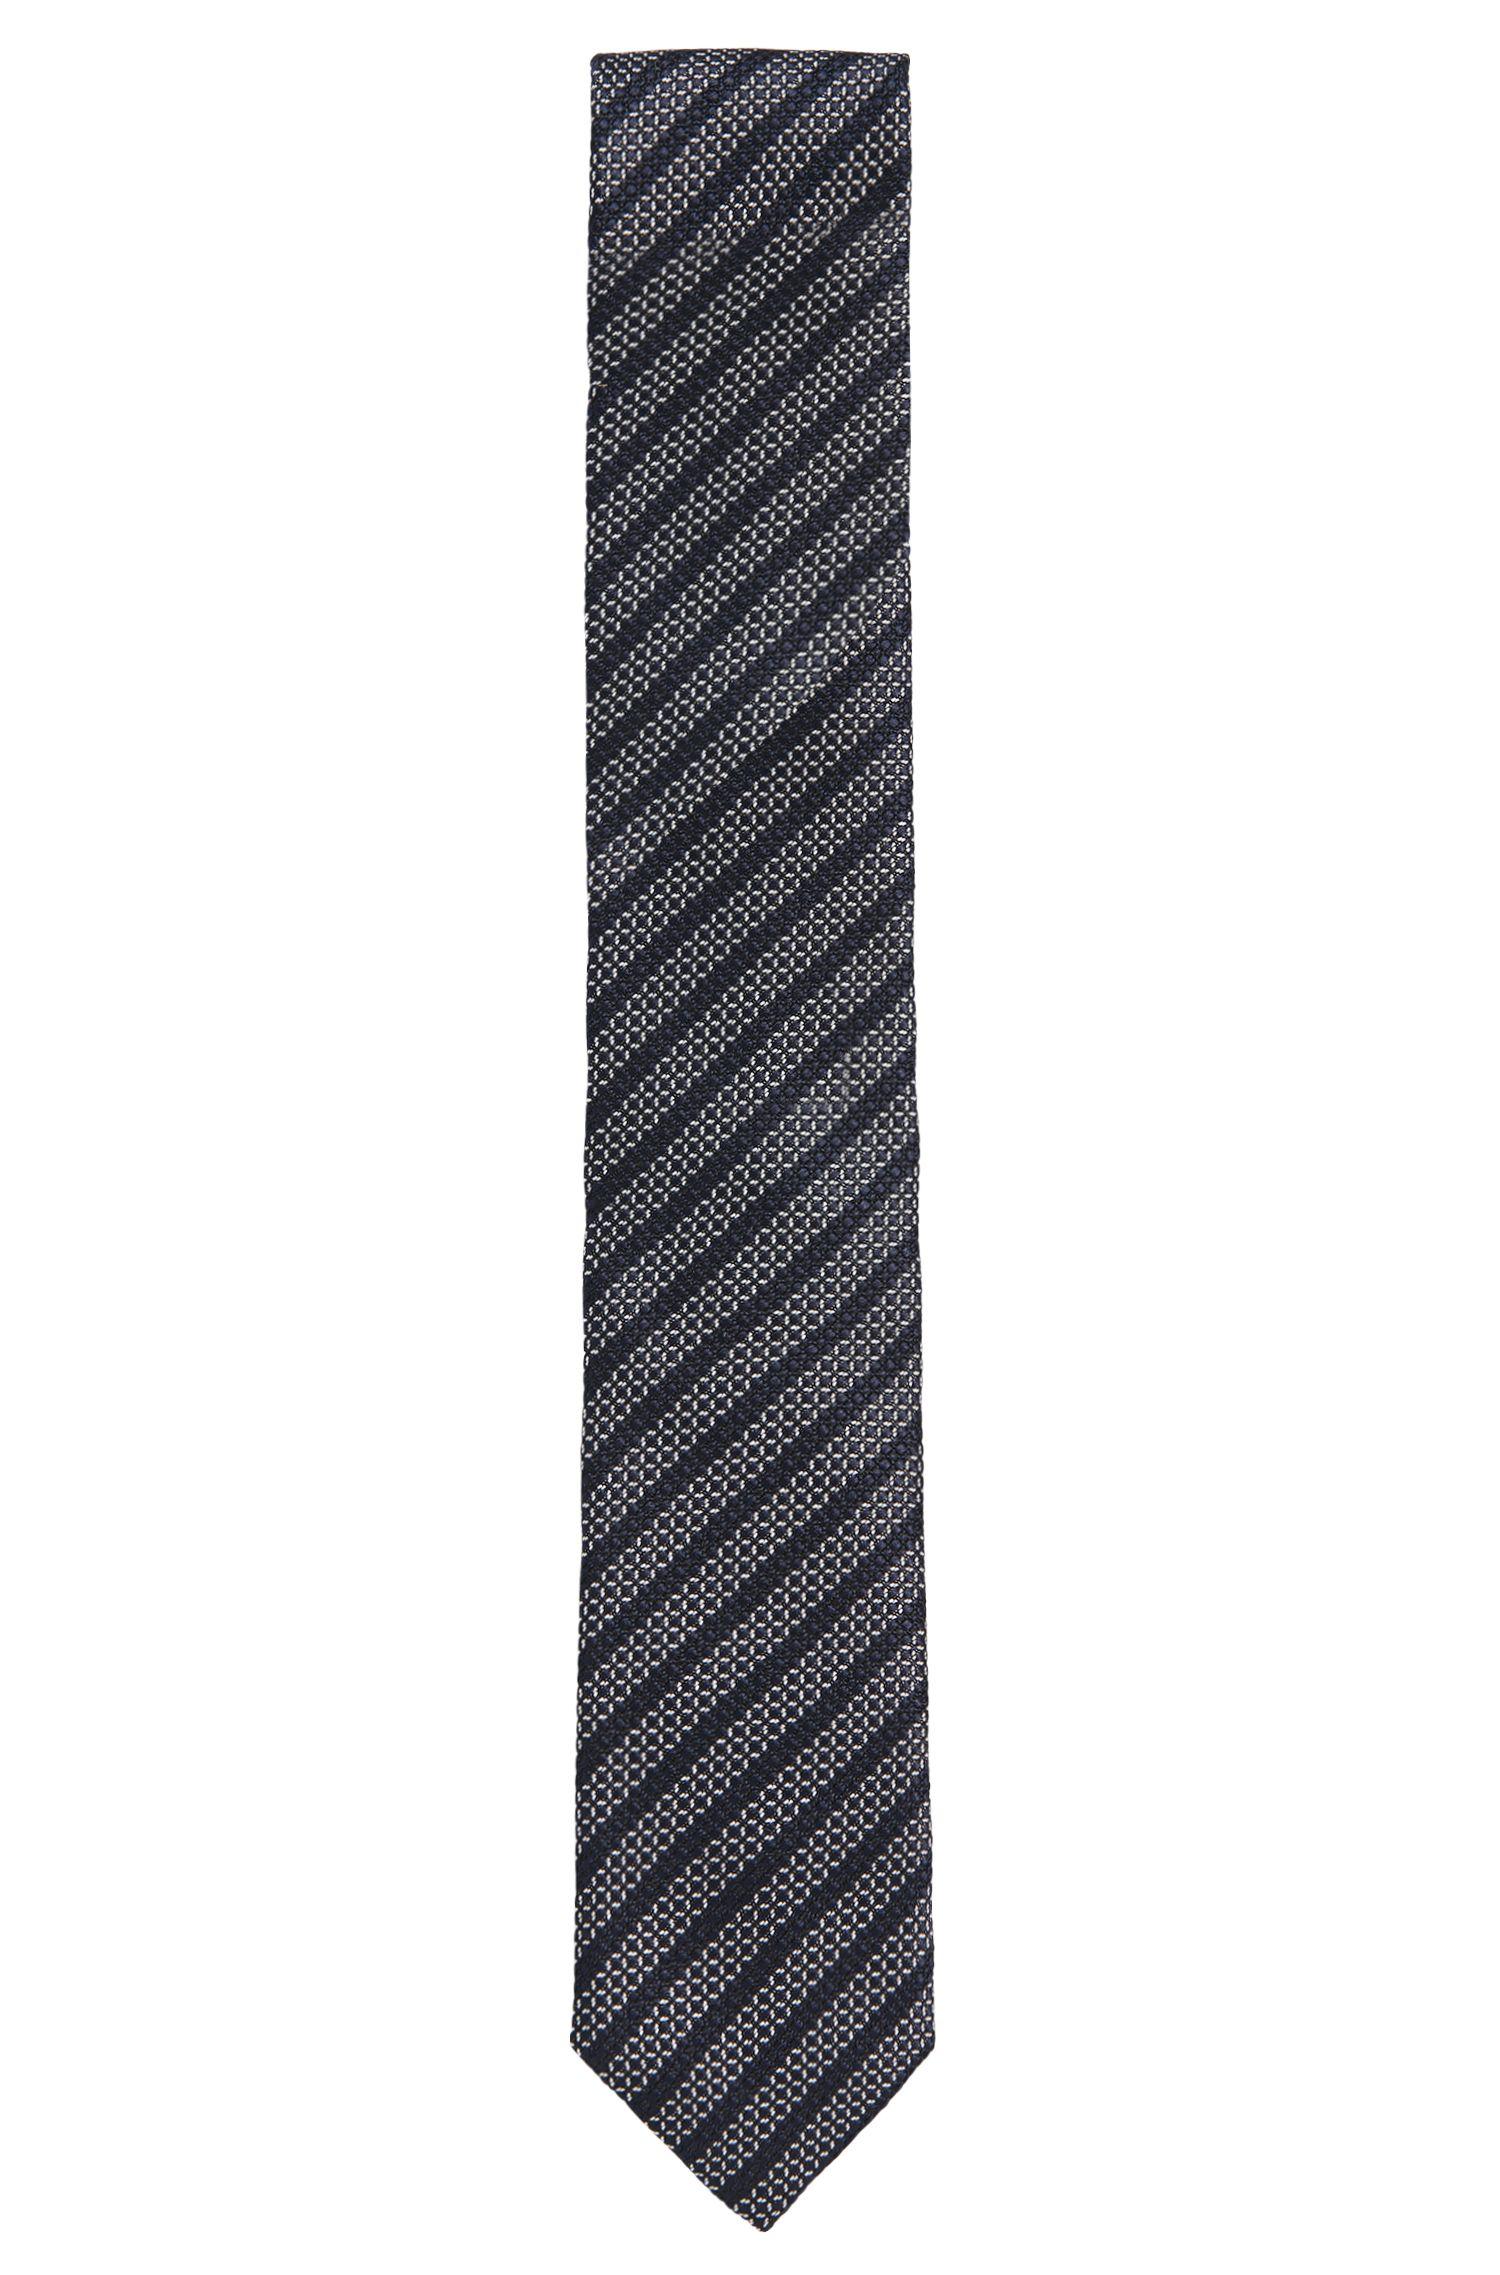 Gestreifte Krawatte aus reiner Seide: 'Tie 6 cm'